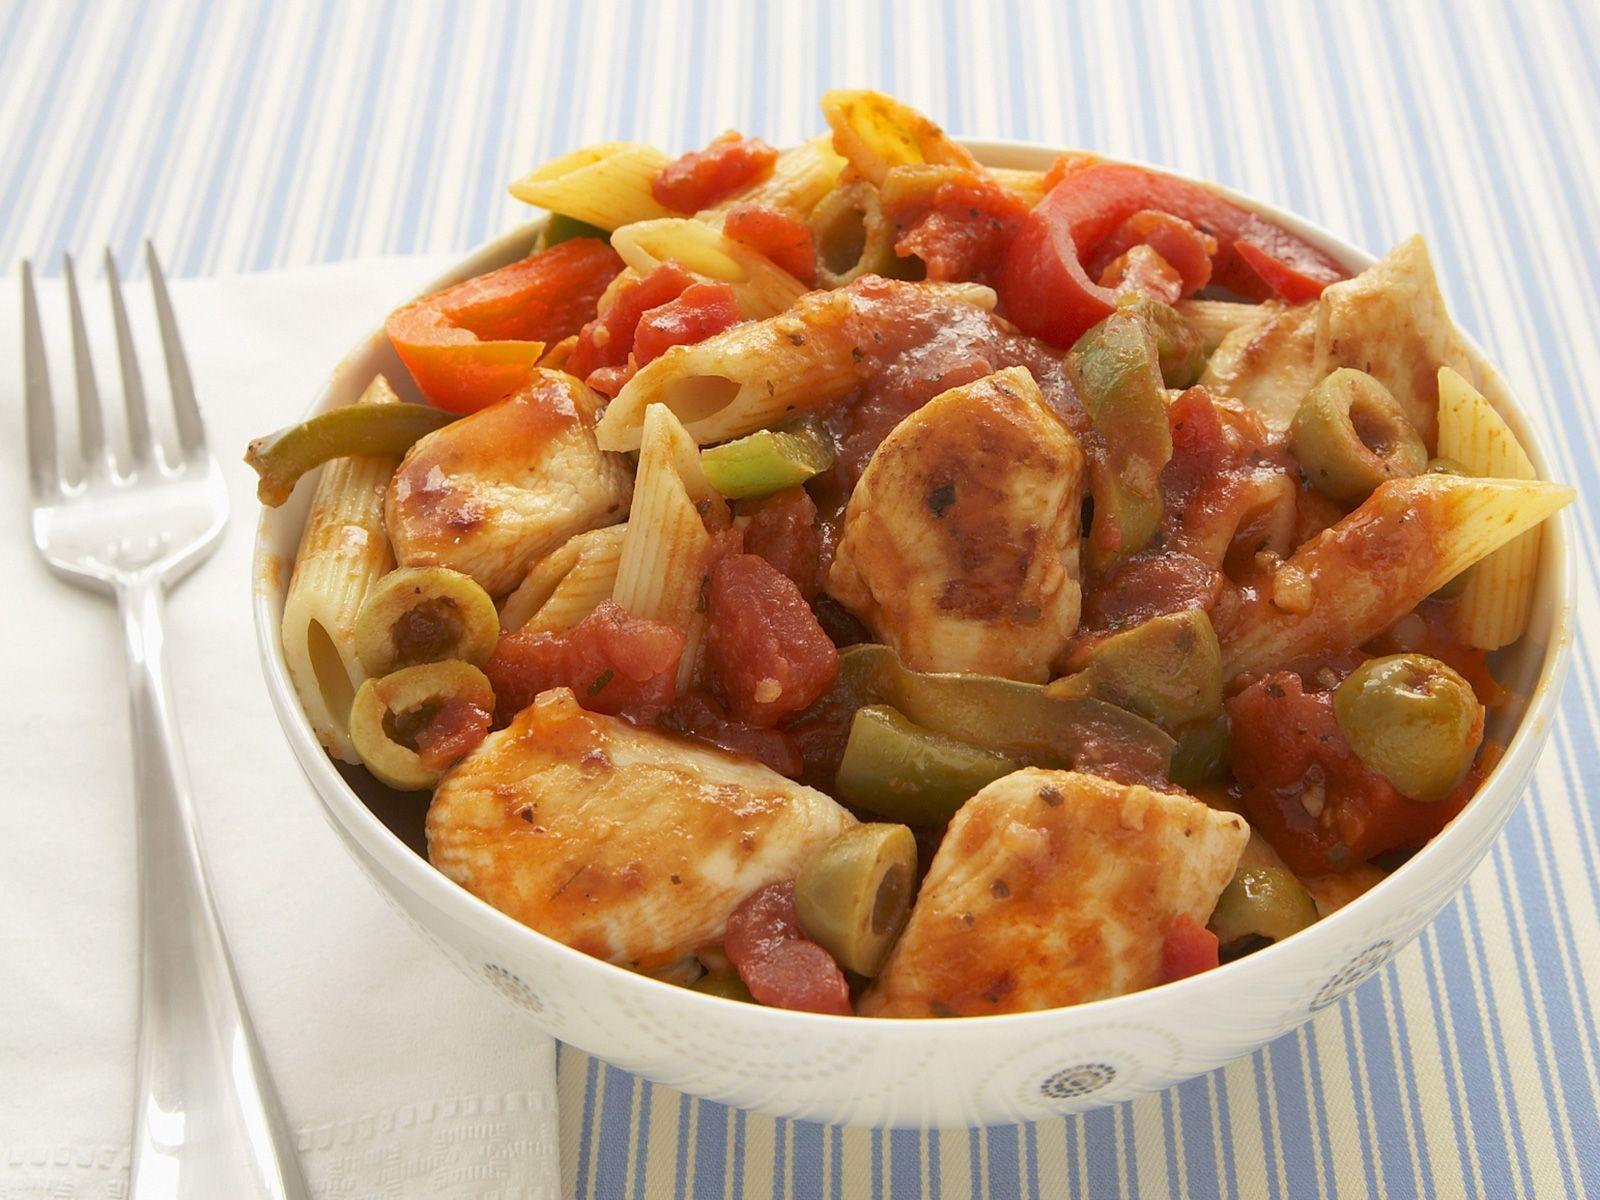 Ganz und zu Extrem Nudeln mit Hähnchen-Tomaten-Soße und Paprika Rezept | EAT SMARTER @OQ_93